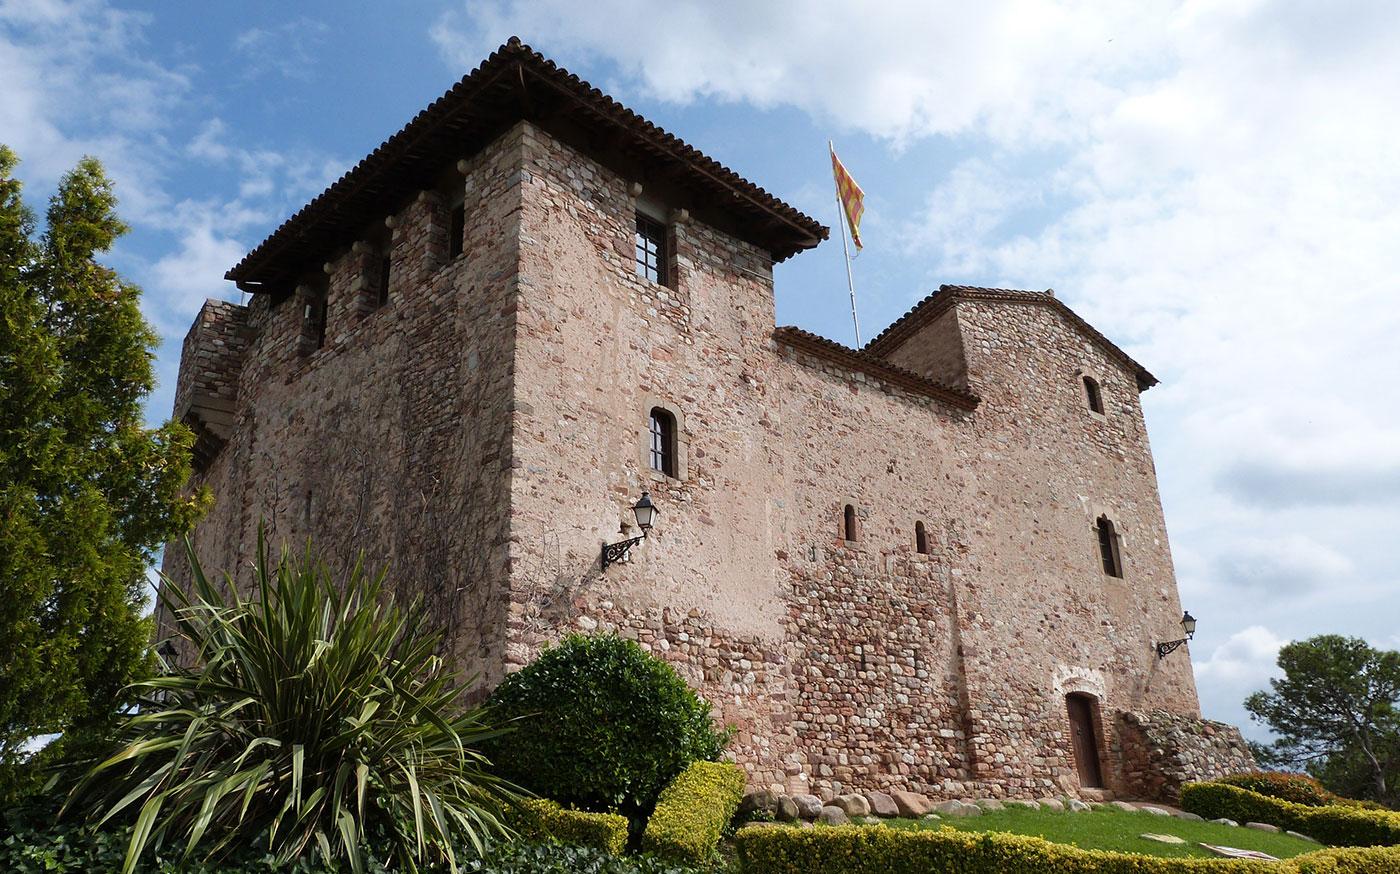 Comercio y ferias medievales en palau solit i plegamans - Inmobiliaria palau de plegamans ...